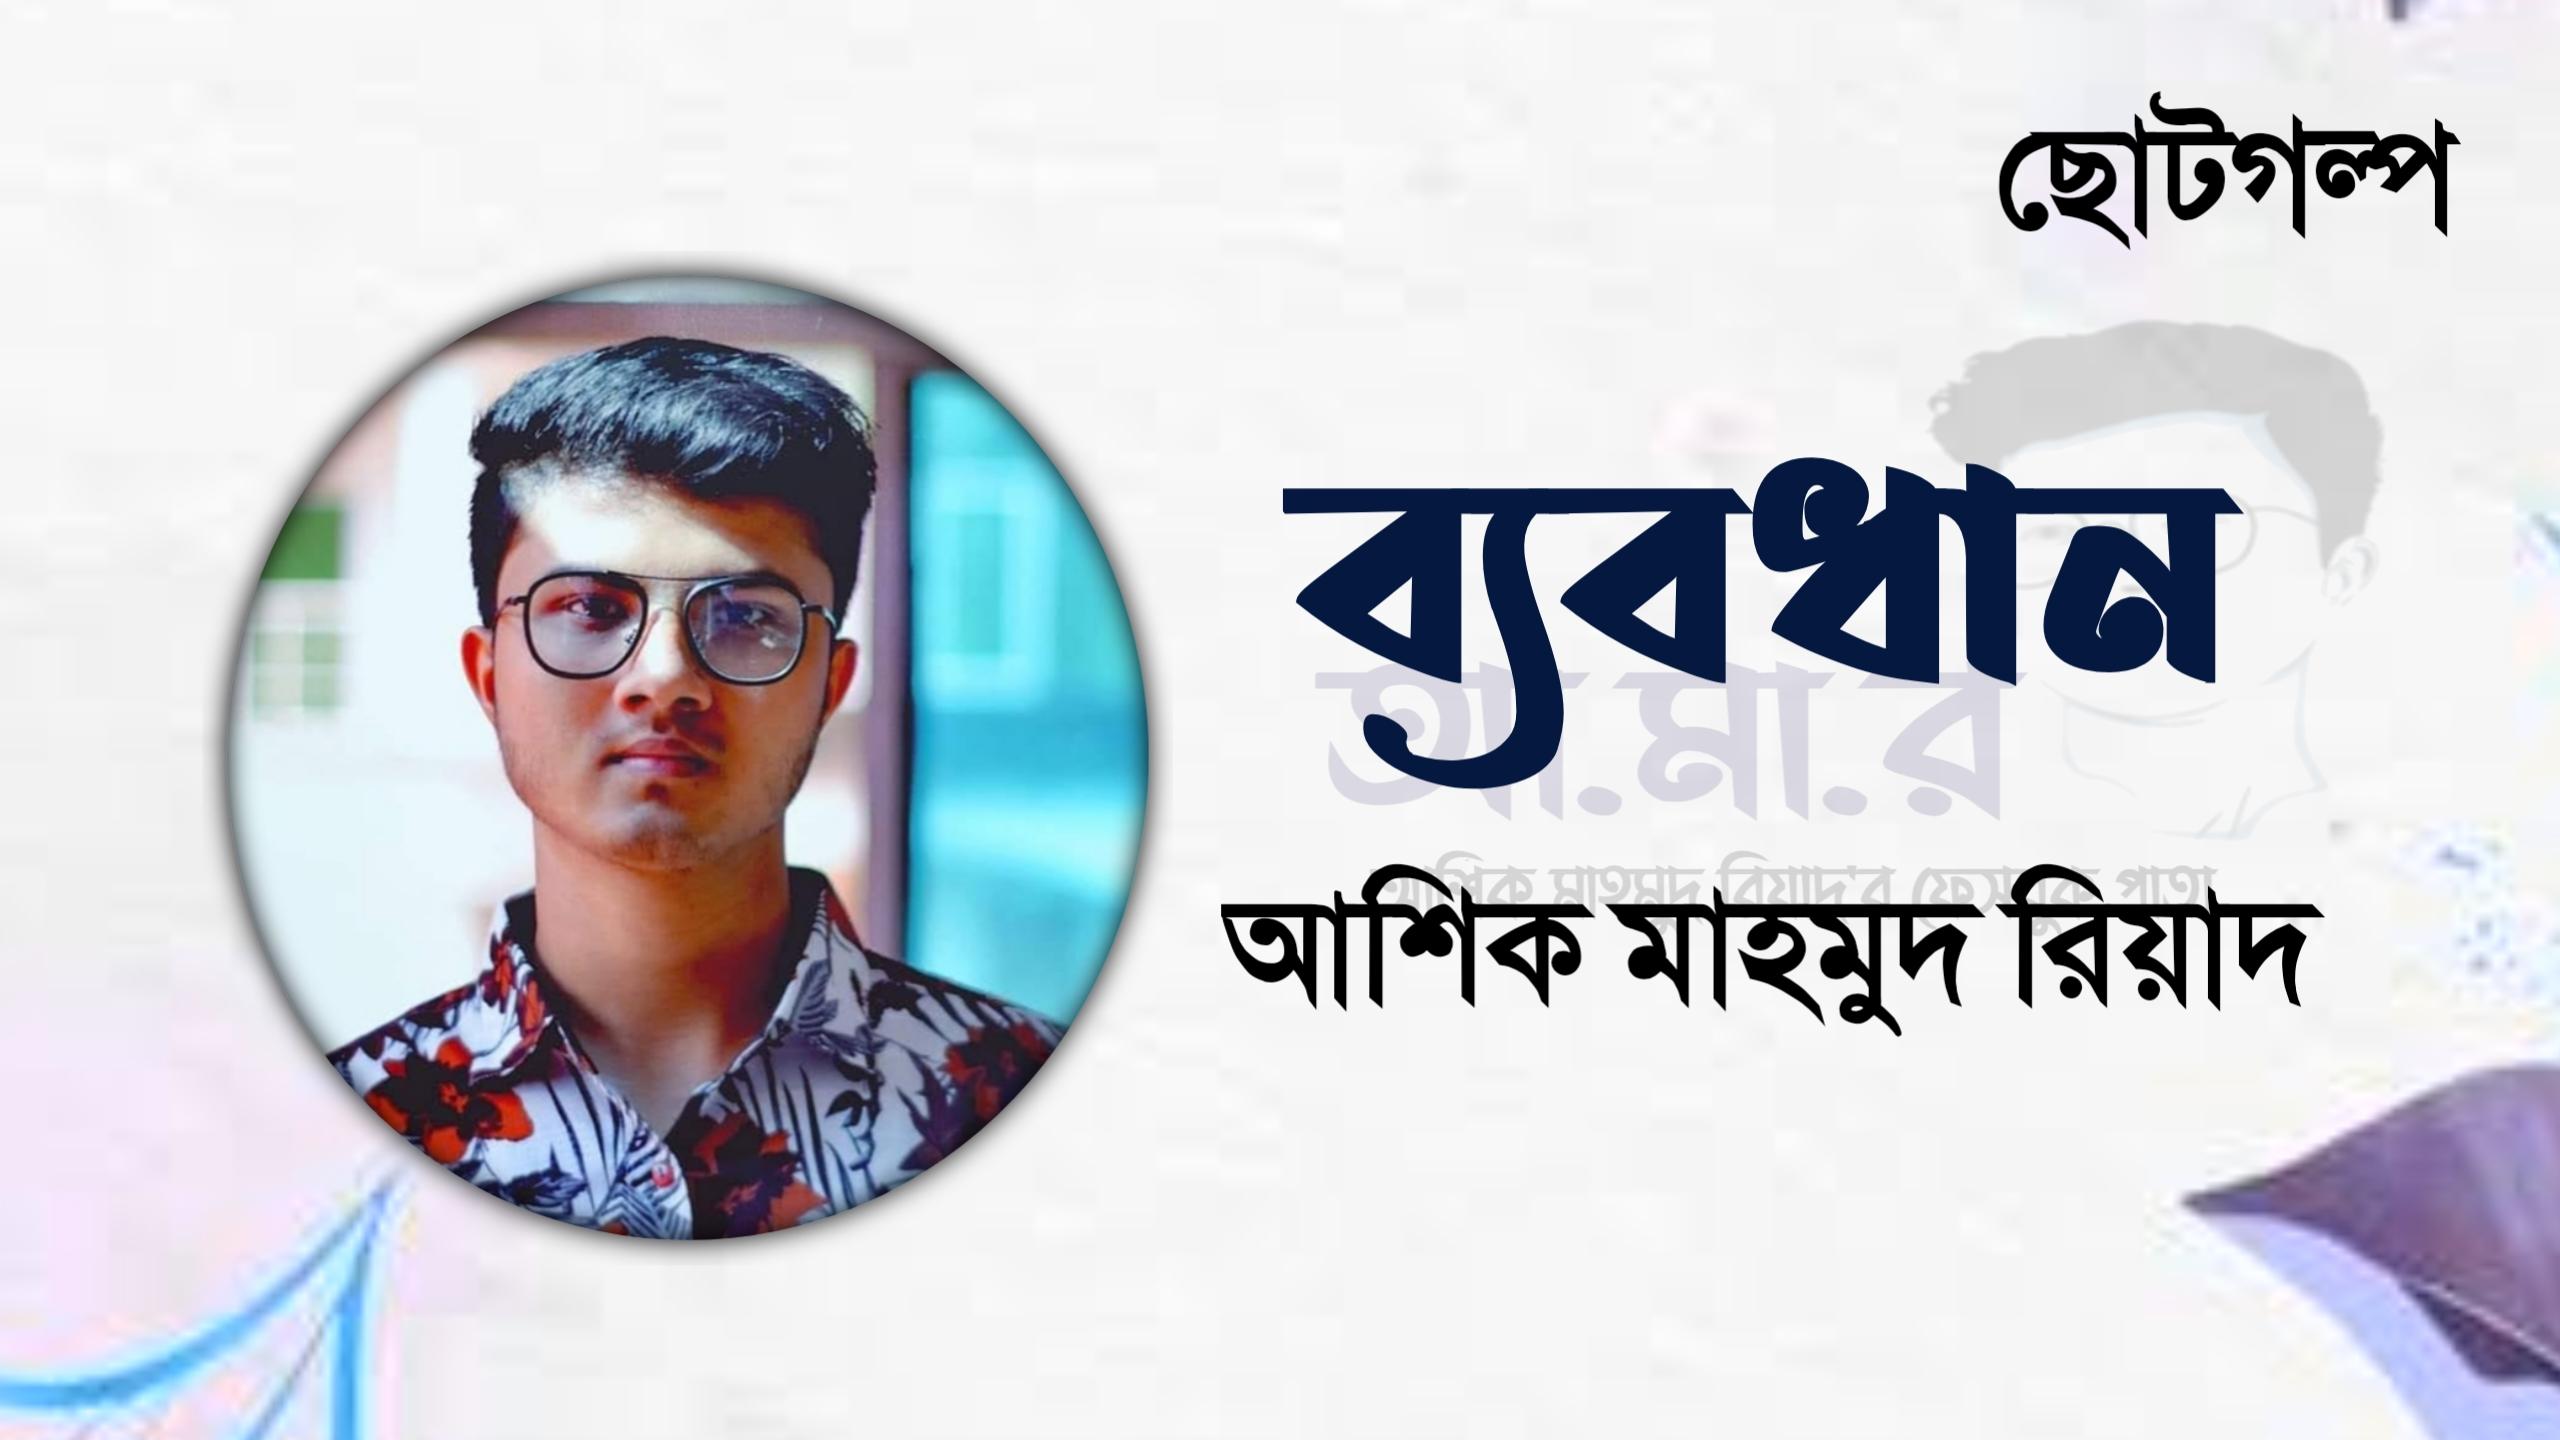 গল্প – ব্যবধান / আশিক মাহমুদ রিয়াদ